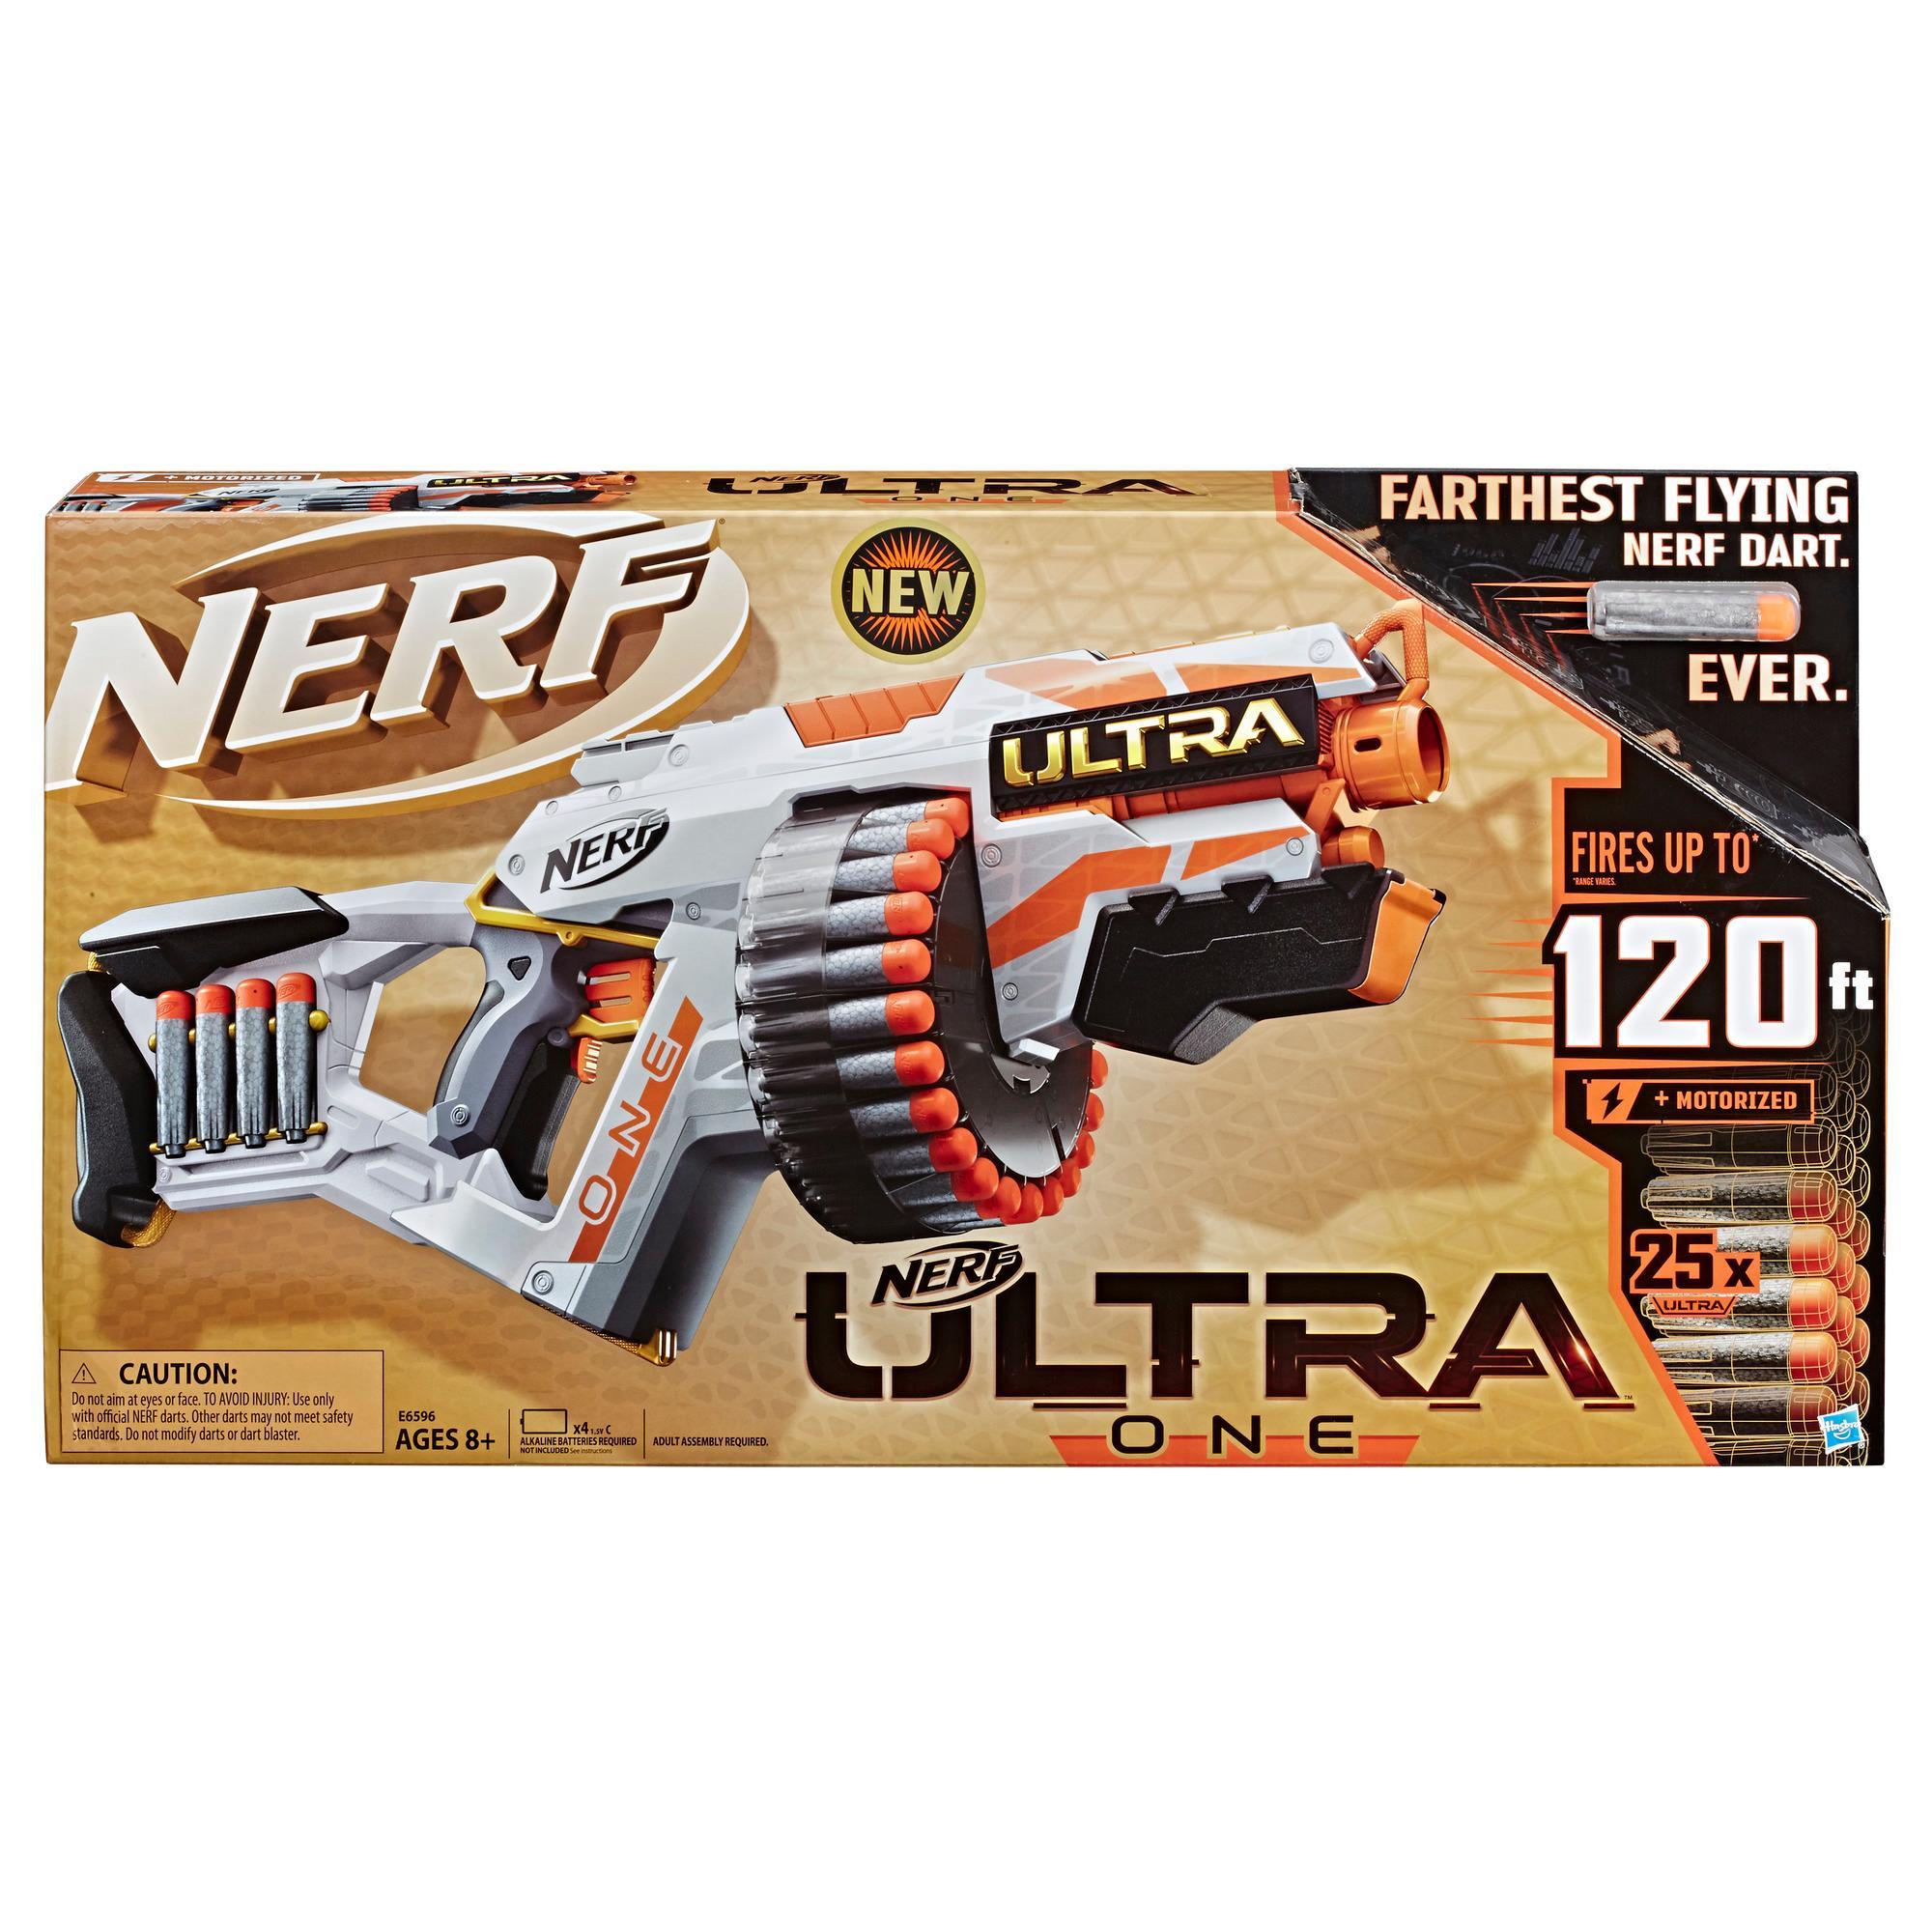 Nerf Ultra One Blaster motorisé - 25 fléchettes Nerf Ultra, compatible uniquement avec les fléchettes Nerf Ultra